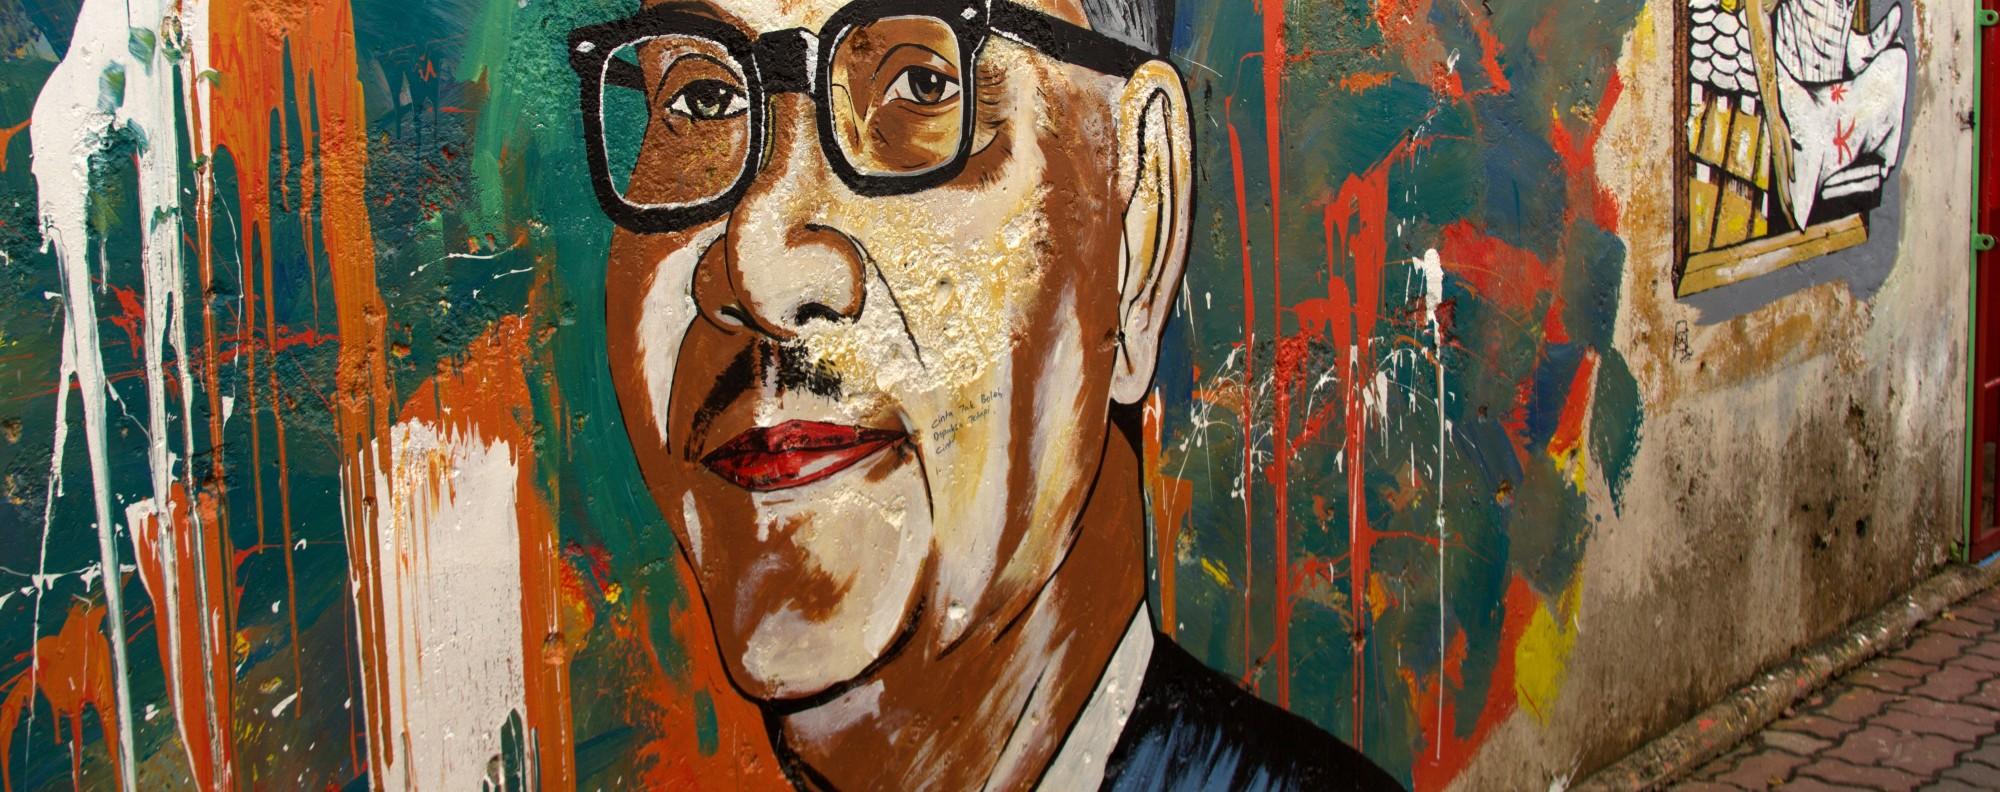 A mural of Tunku Abdul Rahman in Malaysia. File photo